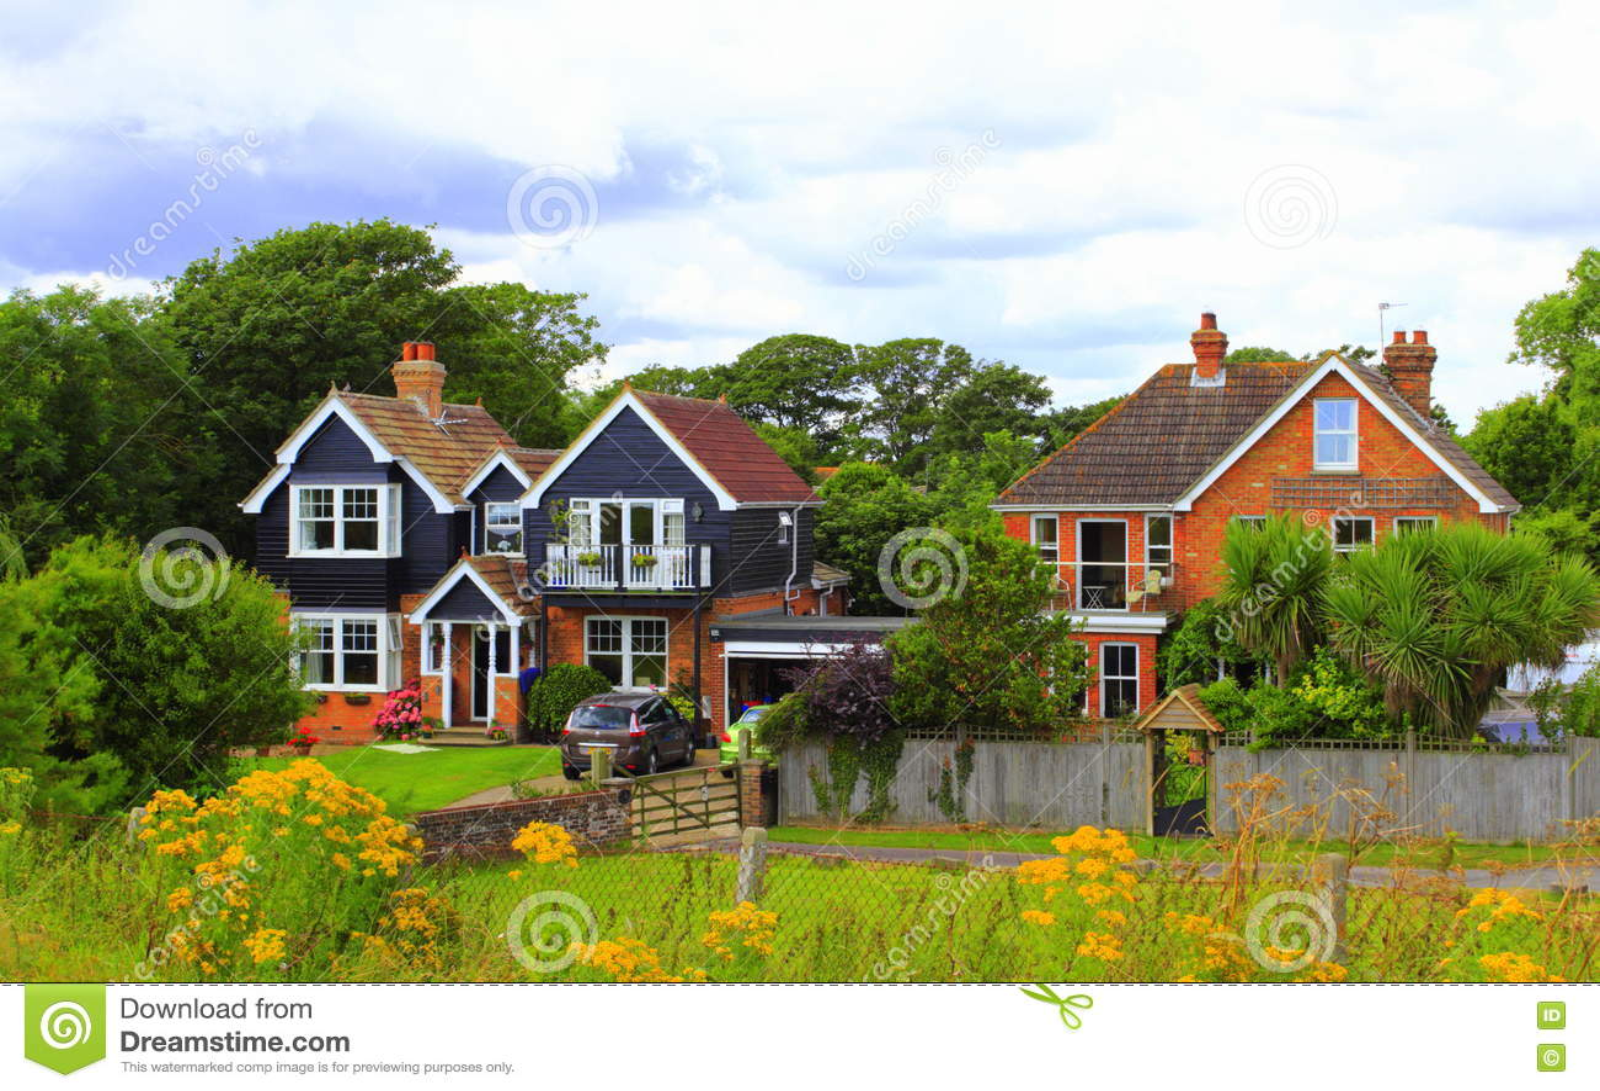 Casas inglesas del campo imagen editorial imagen de victorian 81764405 - Imagenes de casas inglesas ...